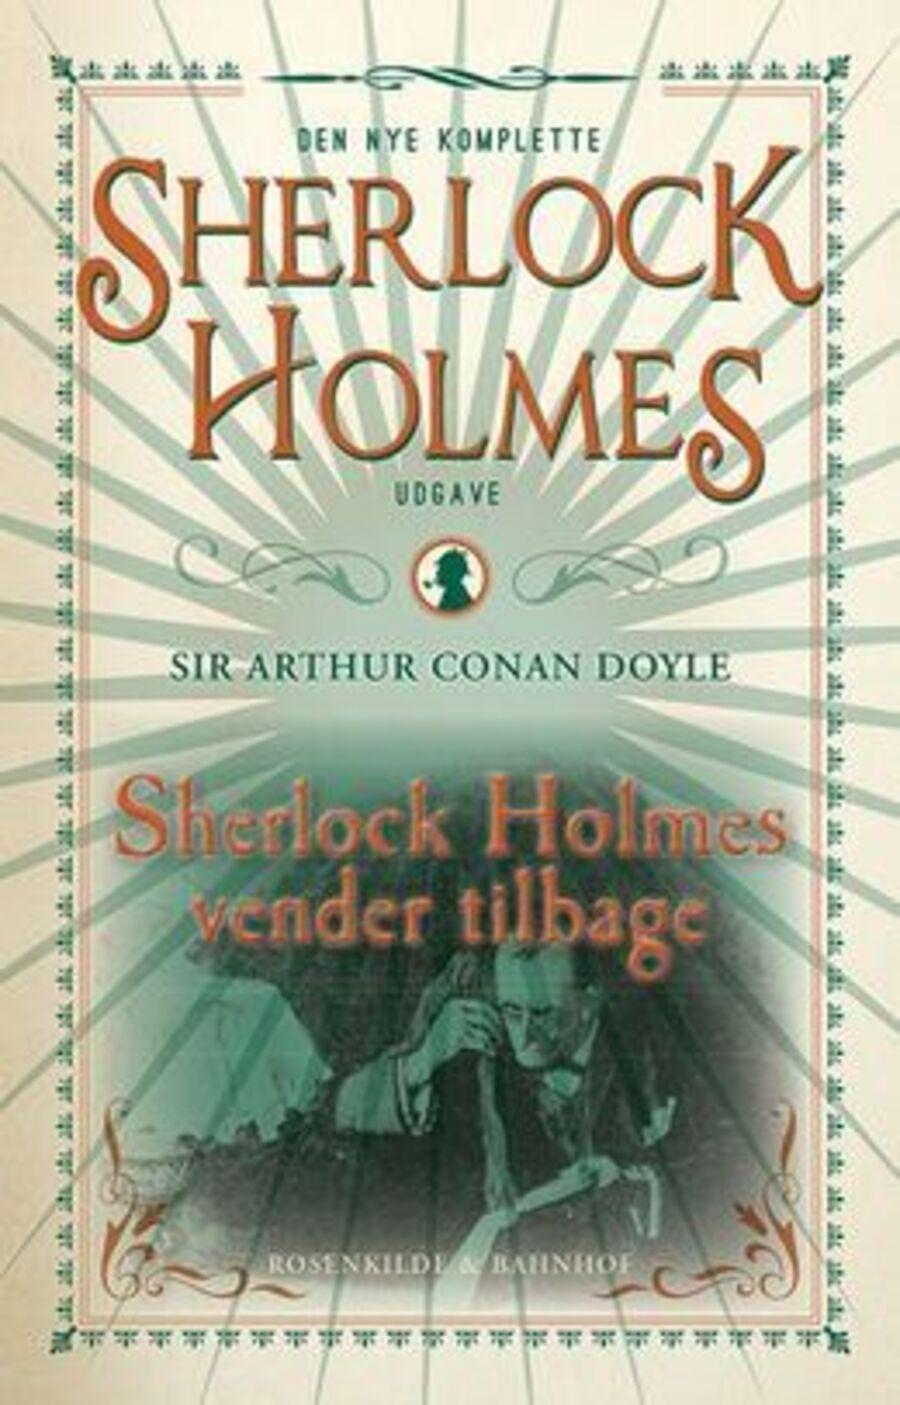 Forsiden på 'Sherlock Holmes' eventyr'